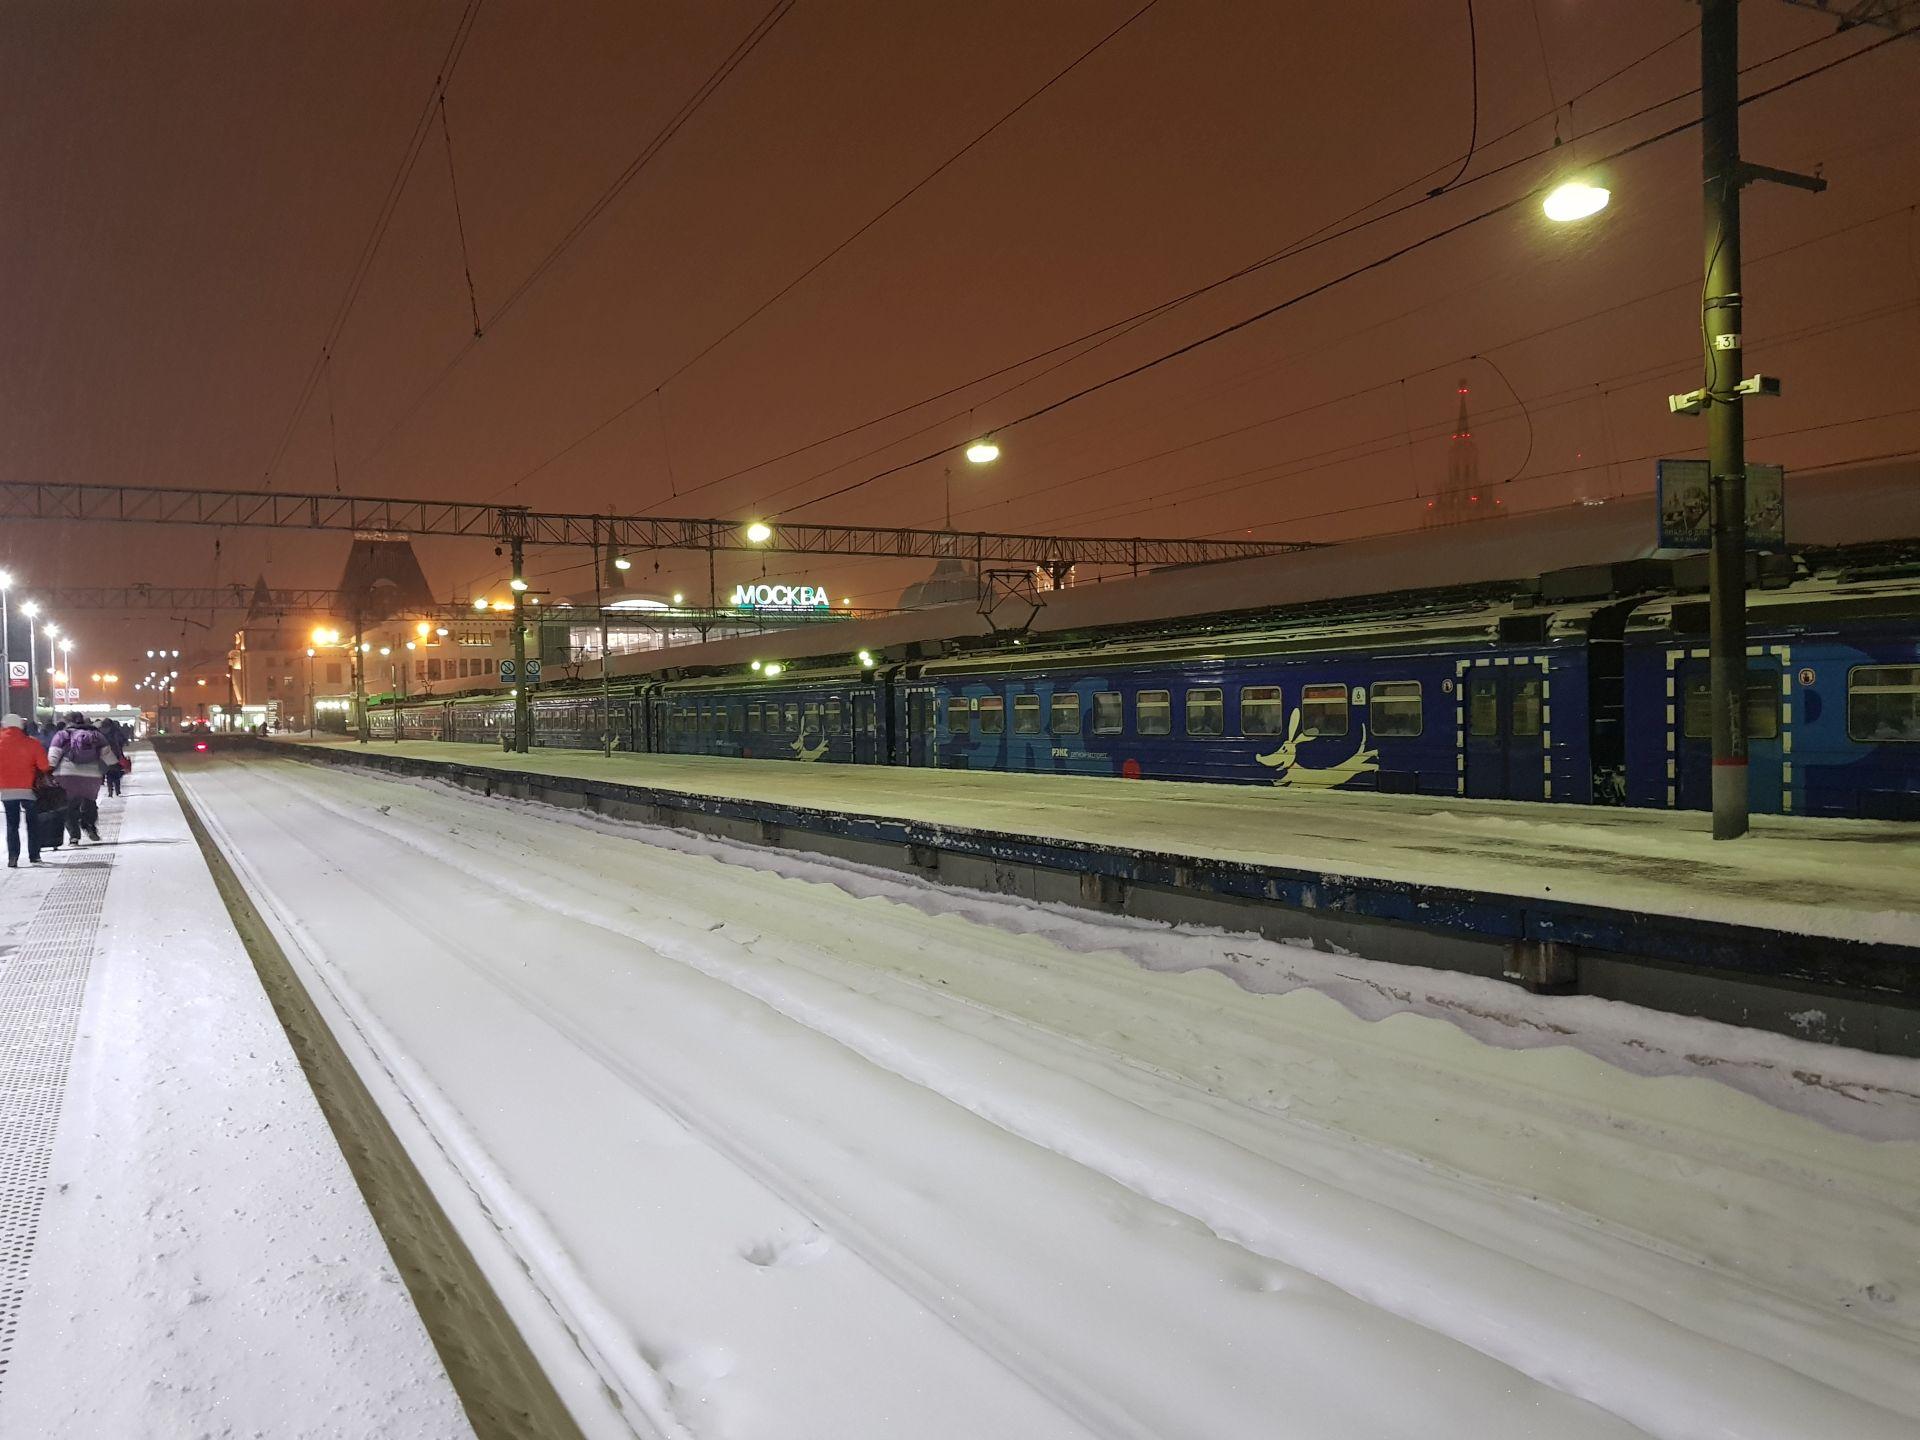 Ярославский вокзал, Москва